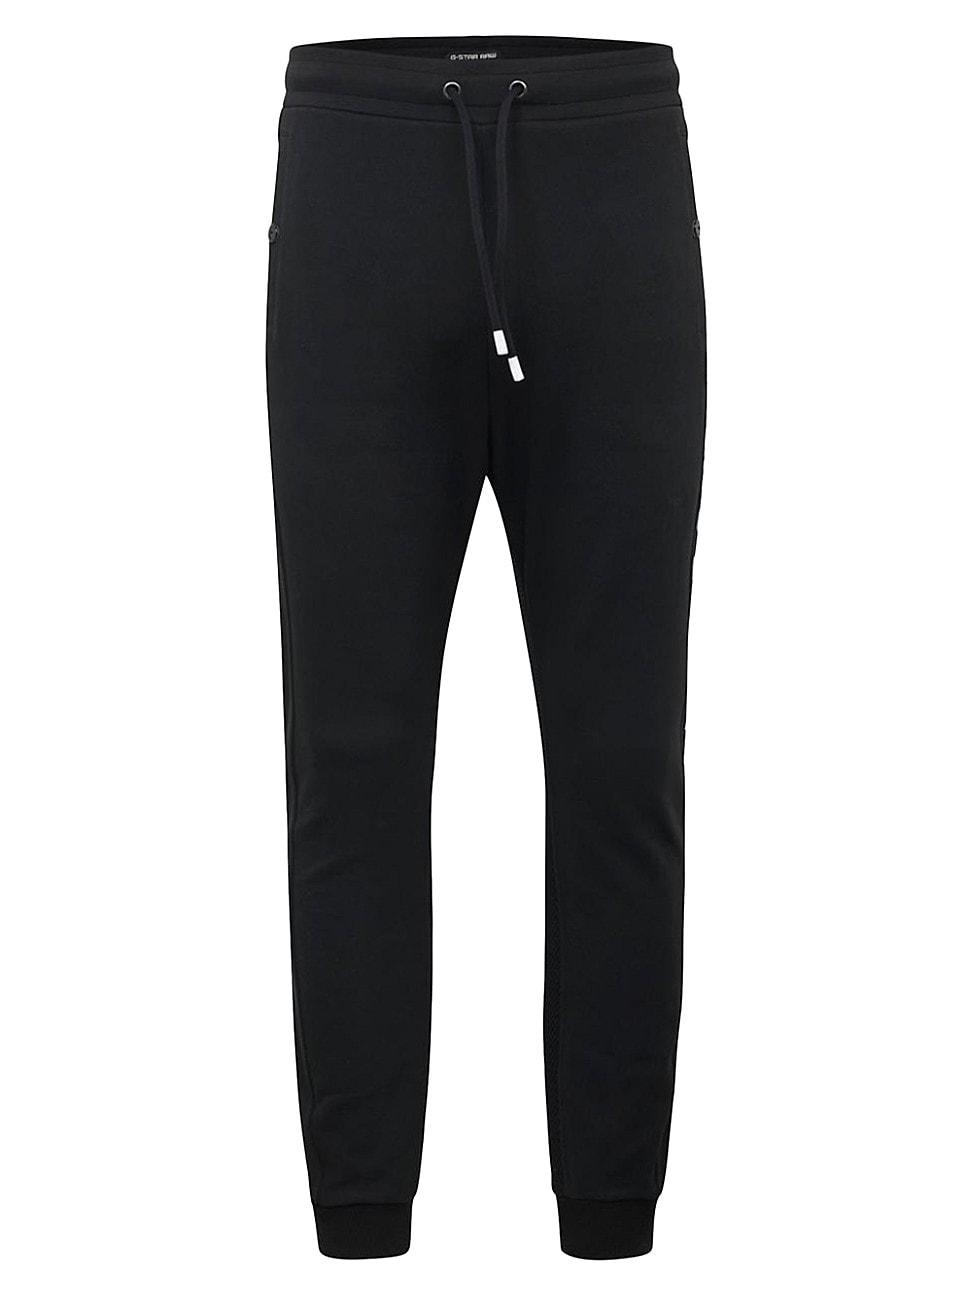 G-star Raw Women's Moto Mix Media Sweatpants In Dark Black